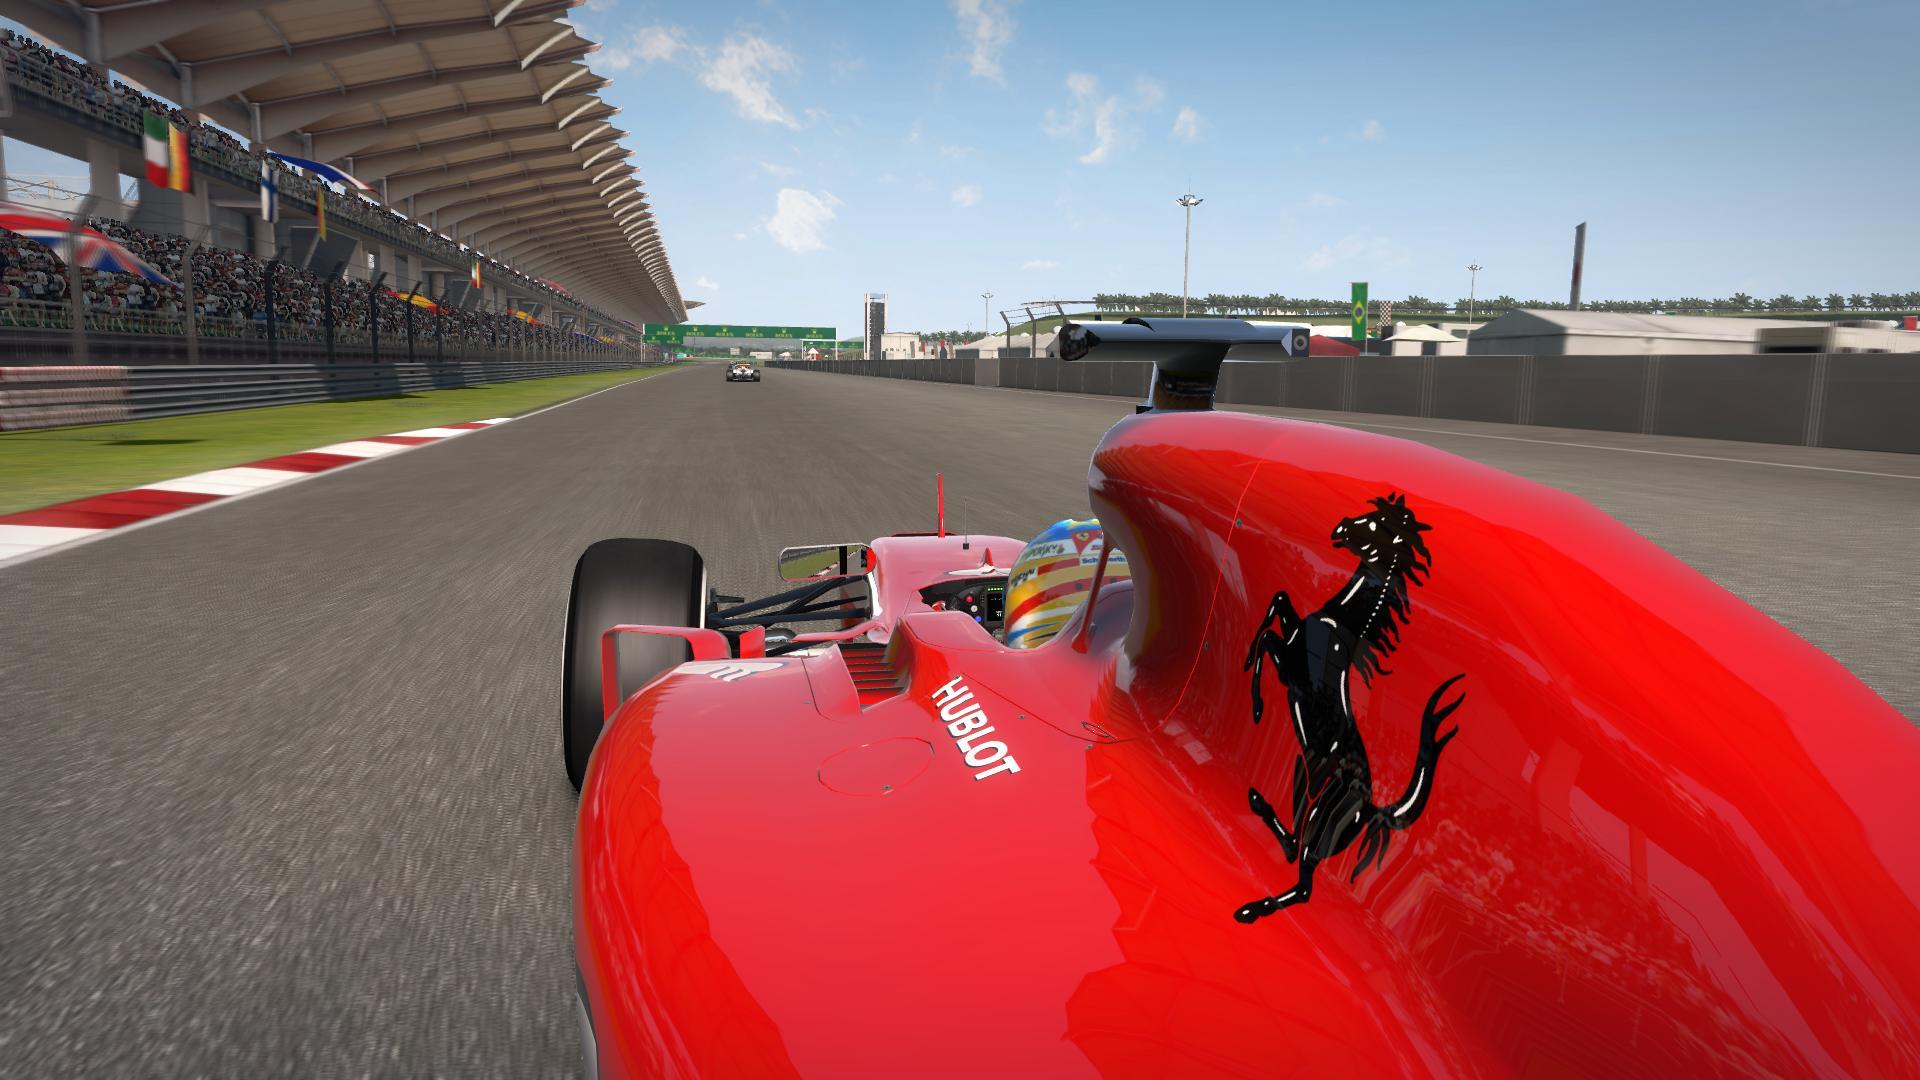 F1_2014 2017-03-13 19-09-19-86.jpg